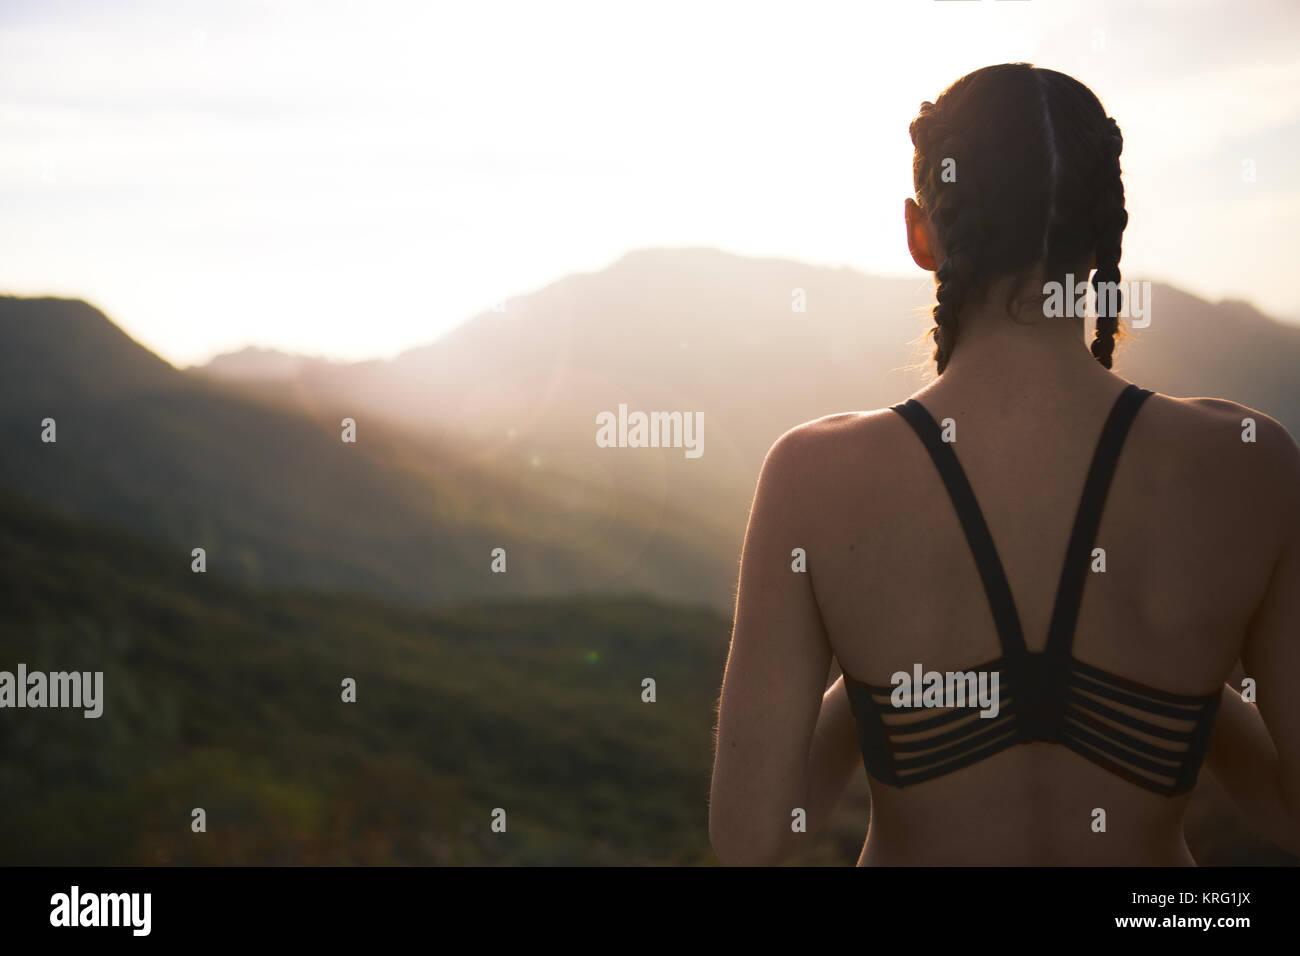 Female Athelete Overlooking Sunset - Stock Image